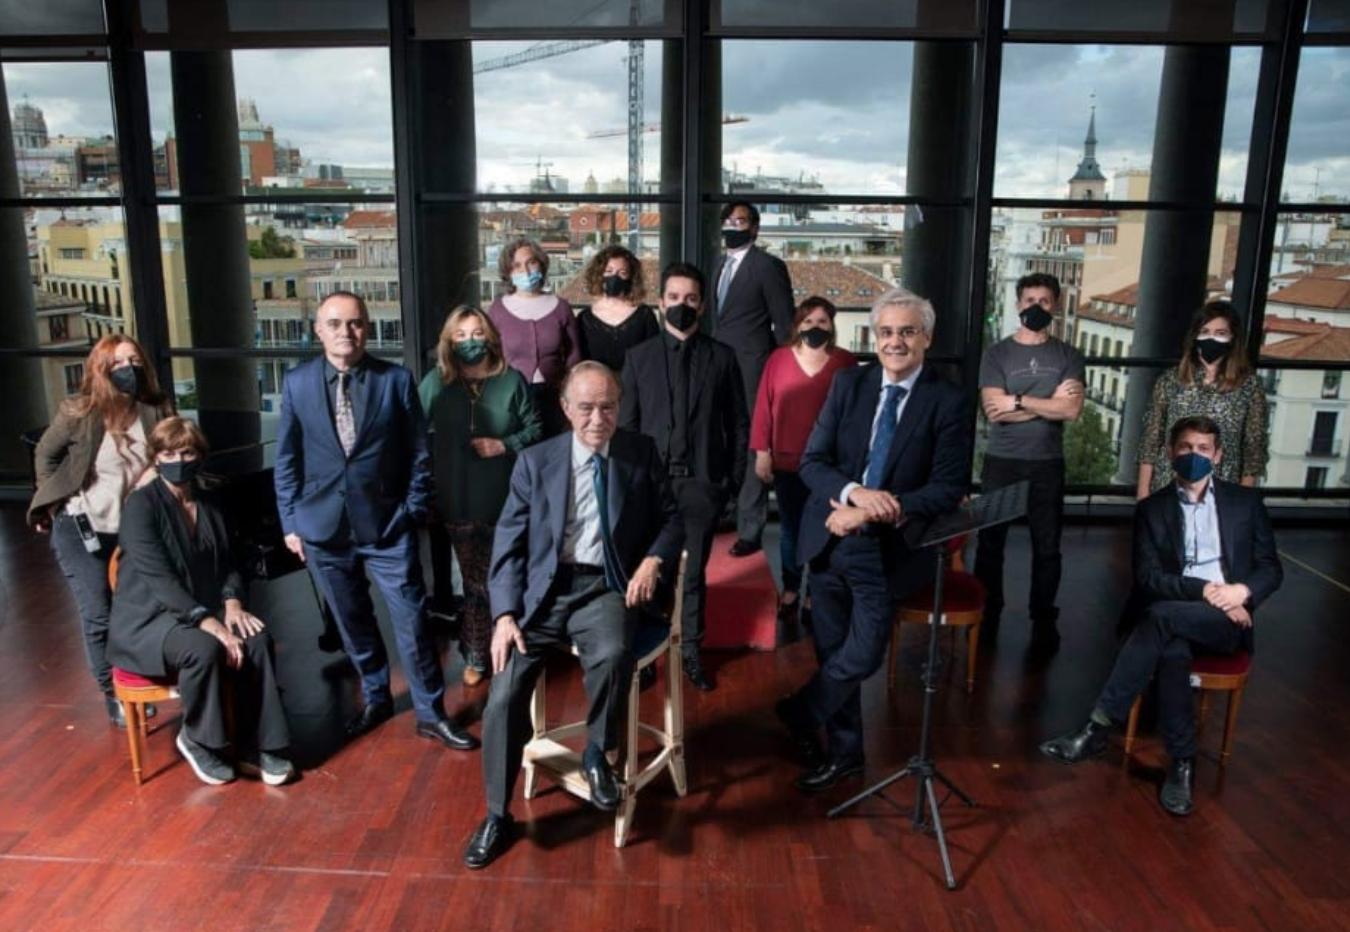 Plácido Domingo, indultado, vuelve a cantar en España